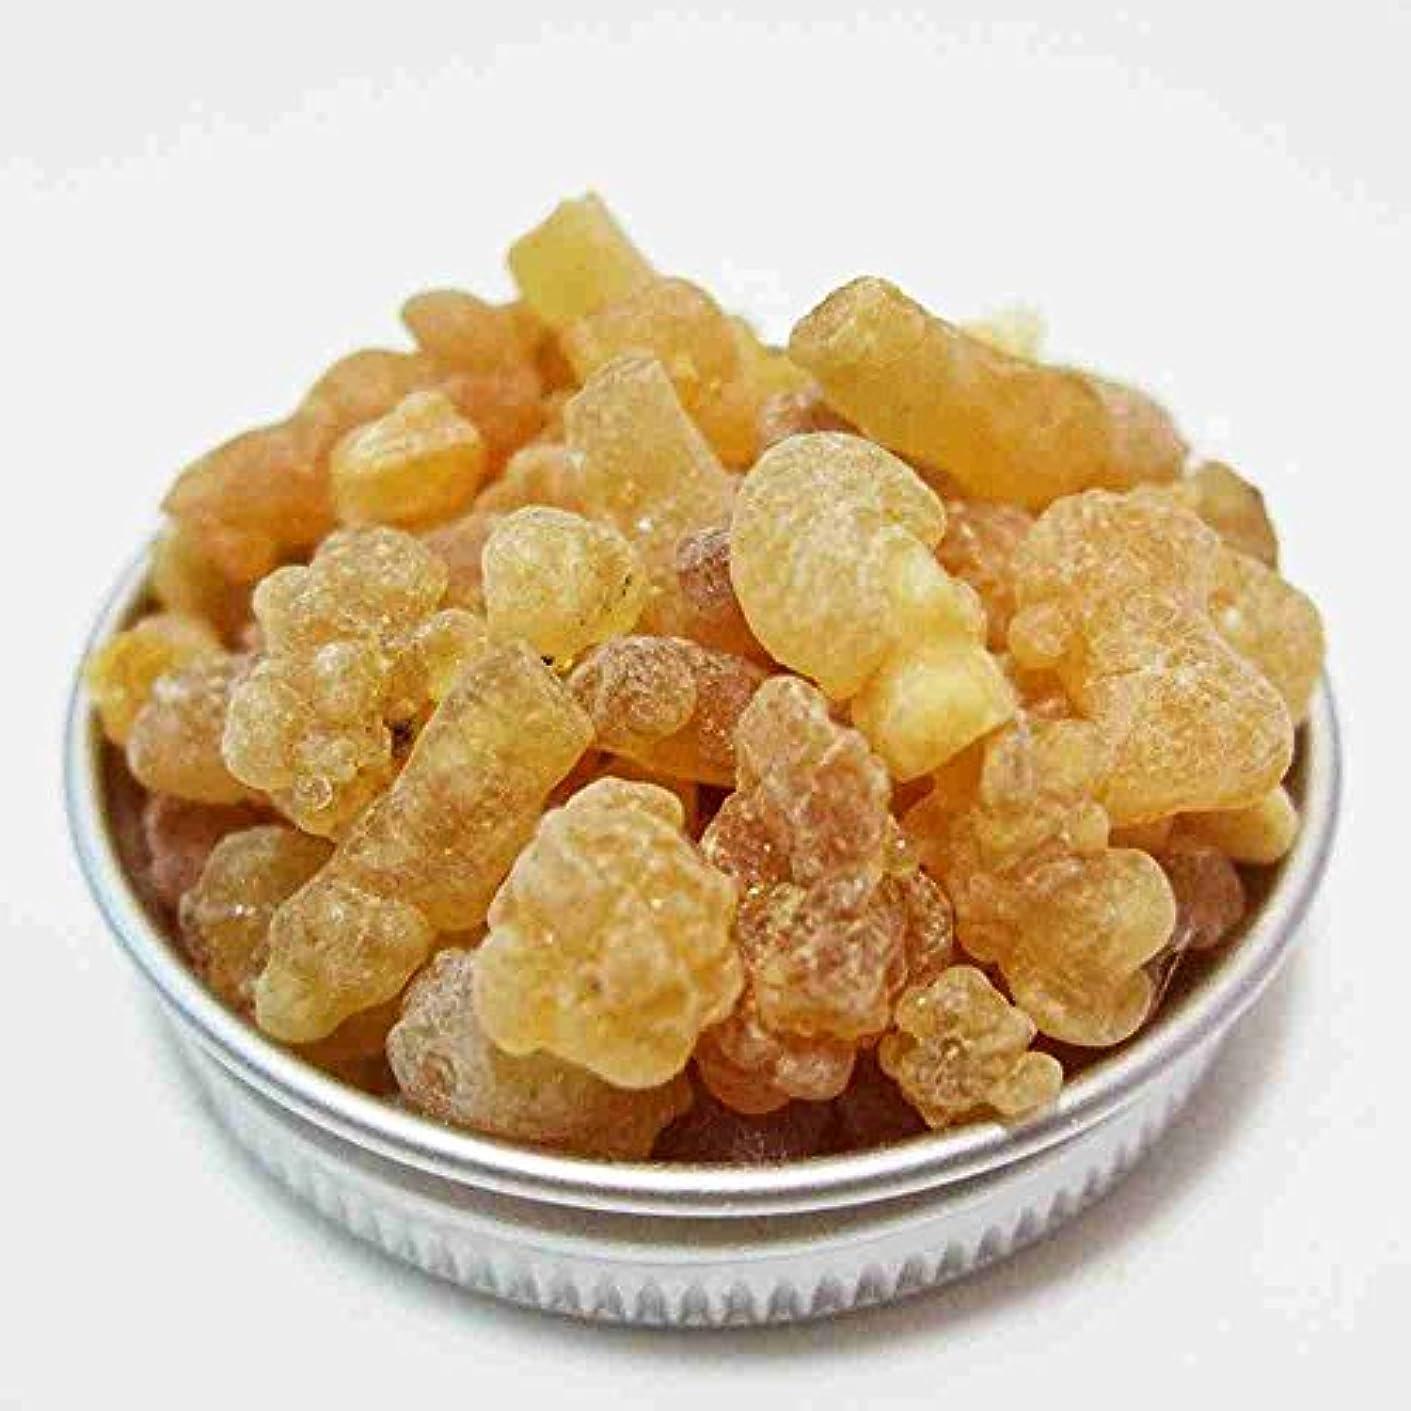 前件高尚な障害フランキンセンス Frsnkincense (乳香) 天然樹脂香 フランキンセンス(乳香), 1 Ounce (28 g)